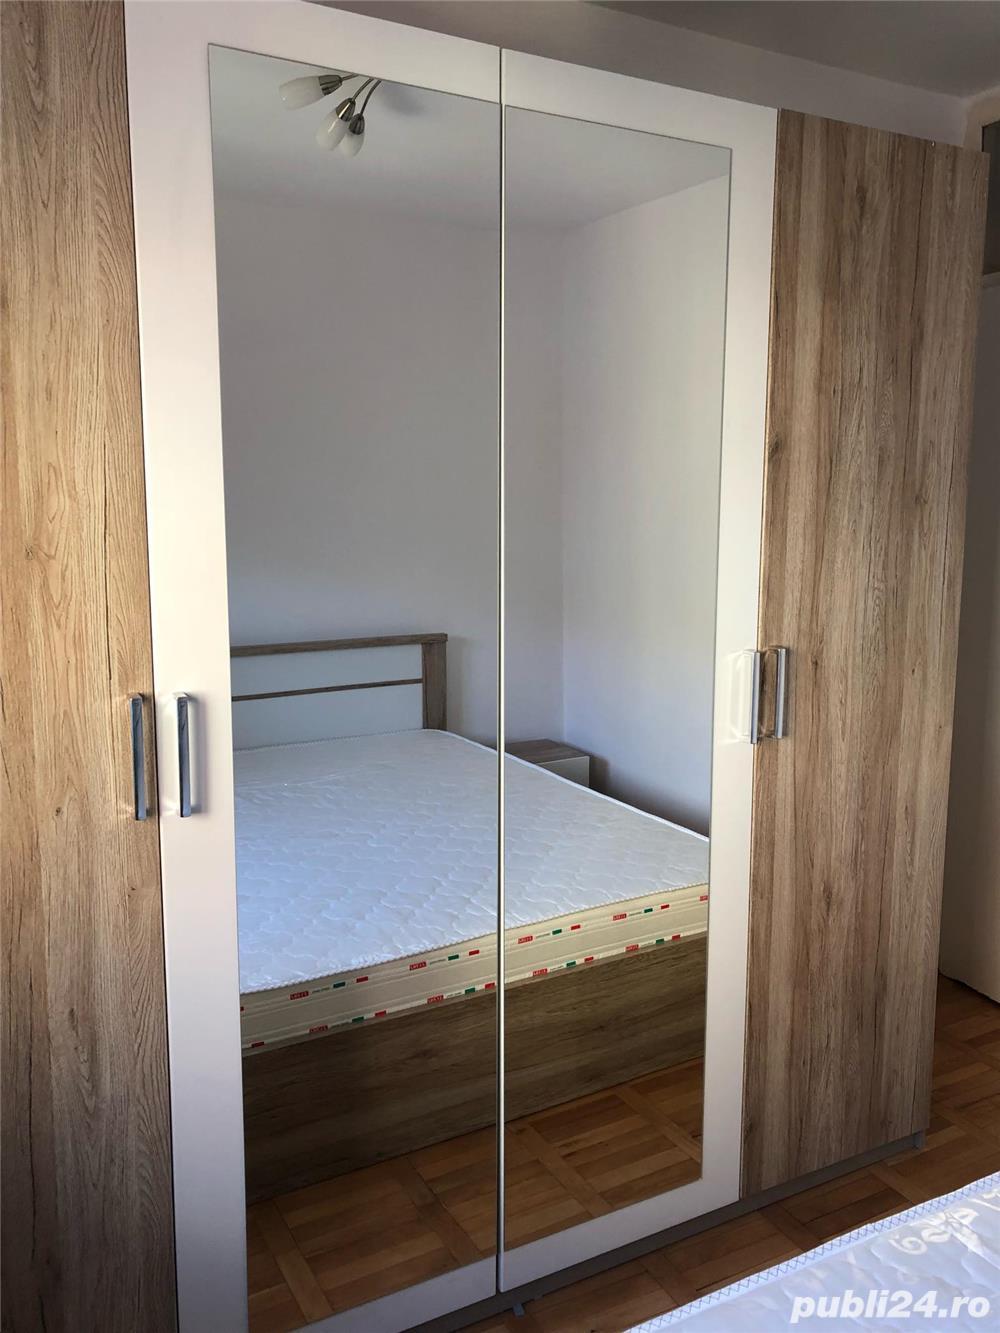 Inchiriez apartament cu 2 camere zona Lidia- Calea Martirilor, etaj 2, direct de la proprietar